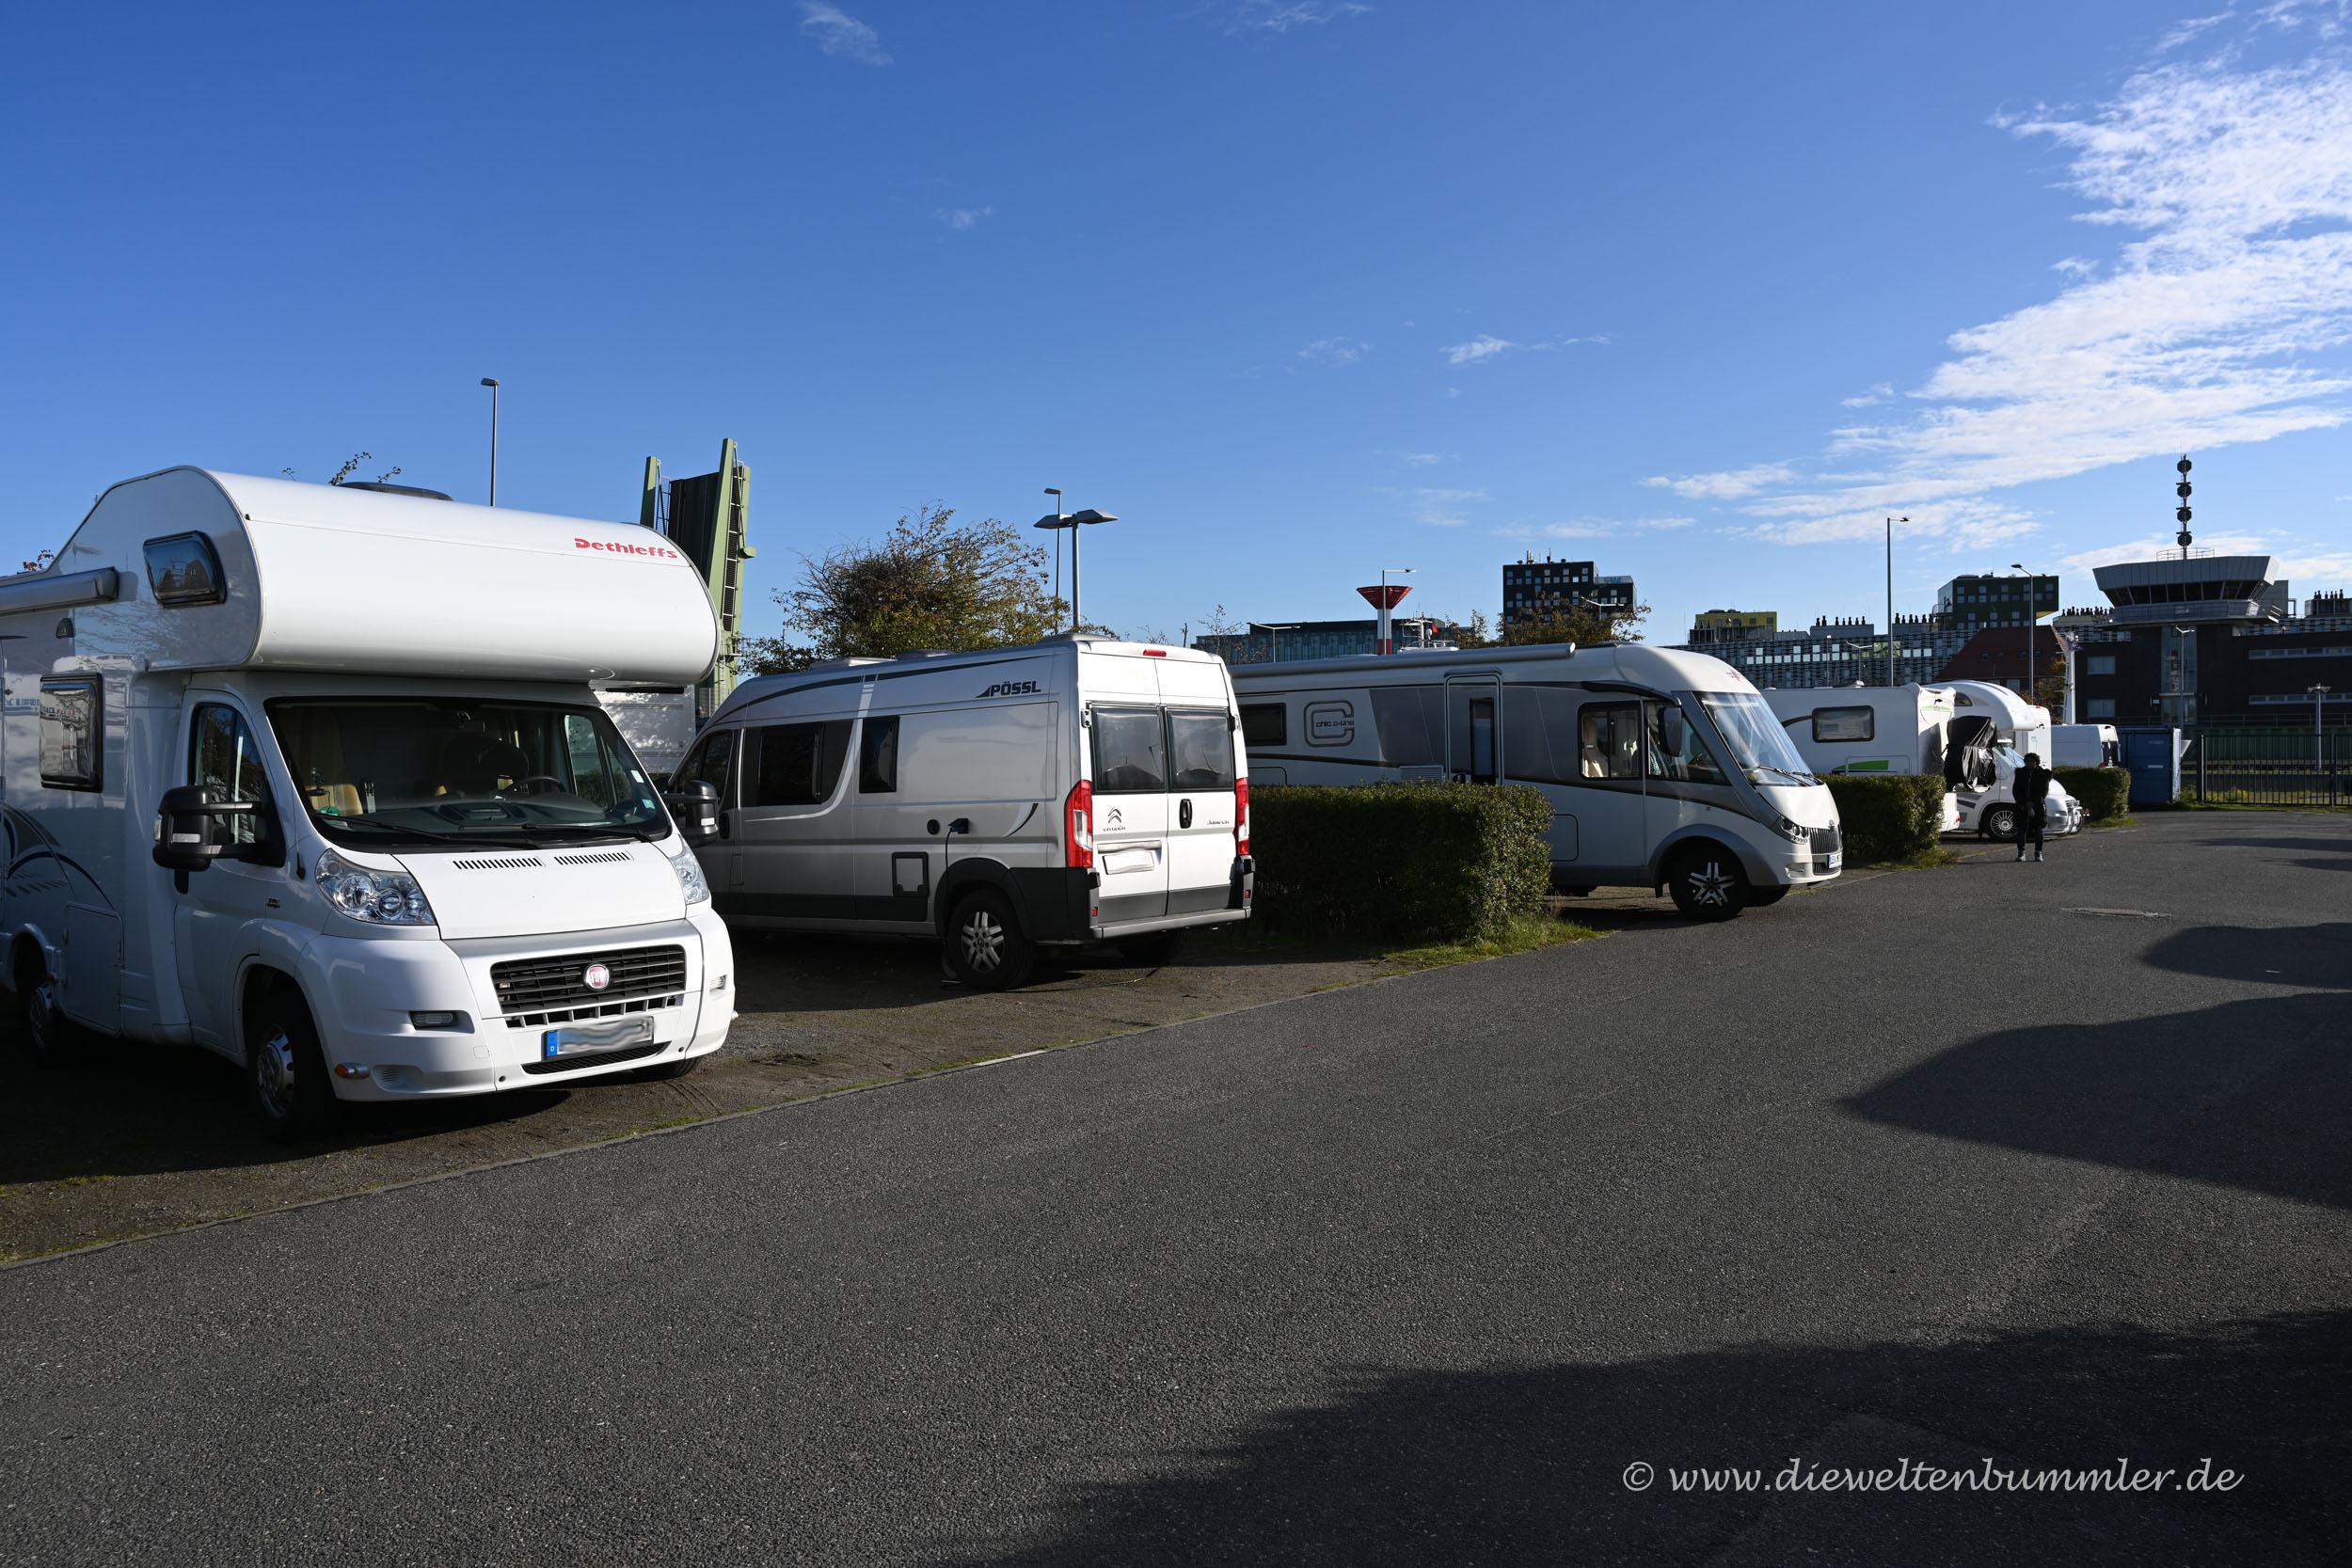 Wohnmobilstellplatz Bremerhaven